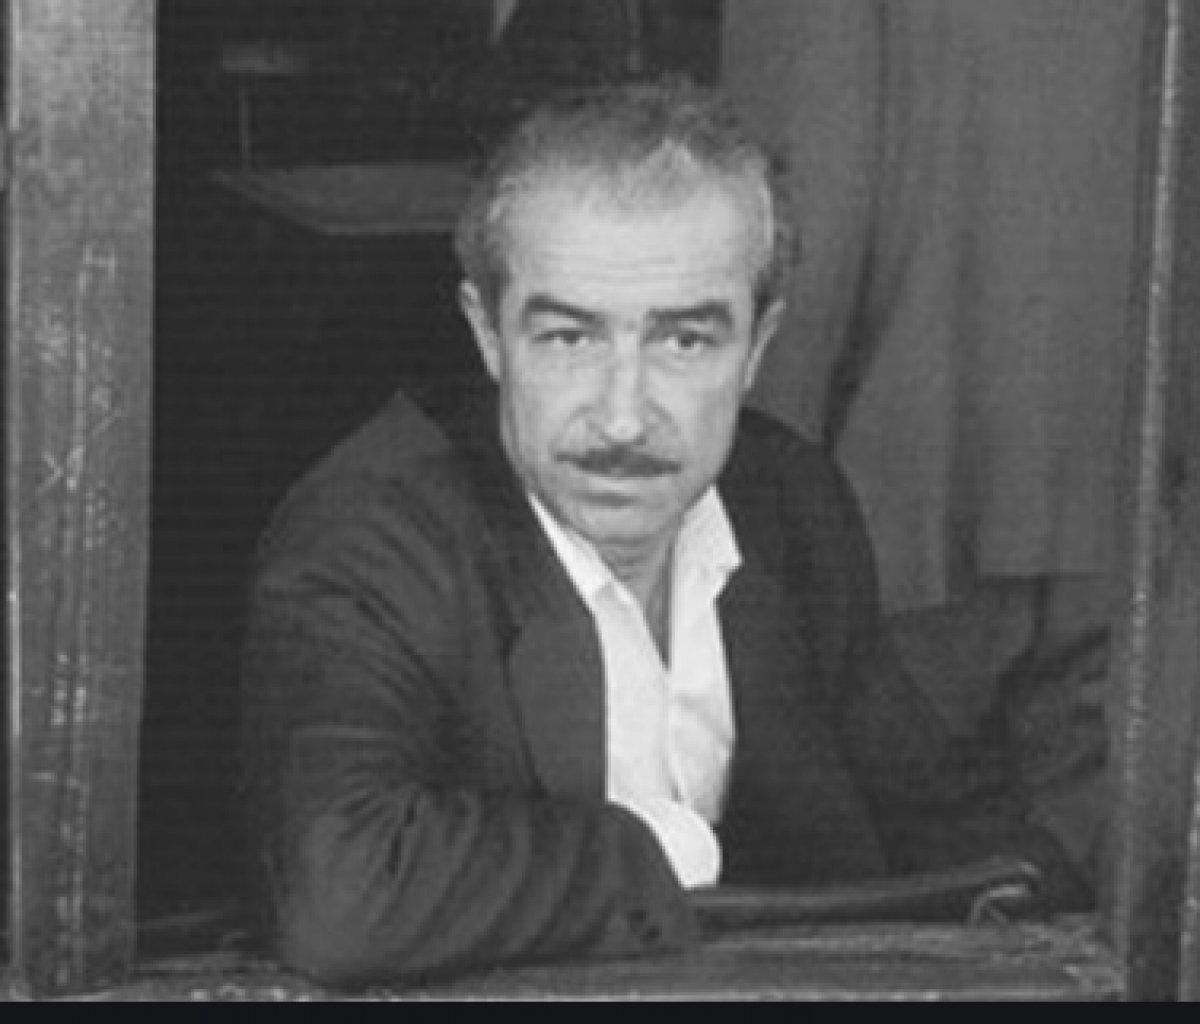 Yazar Orhan Kemal in 107 nci doğum yılı #1